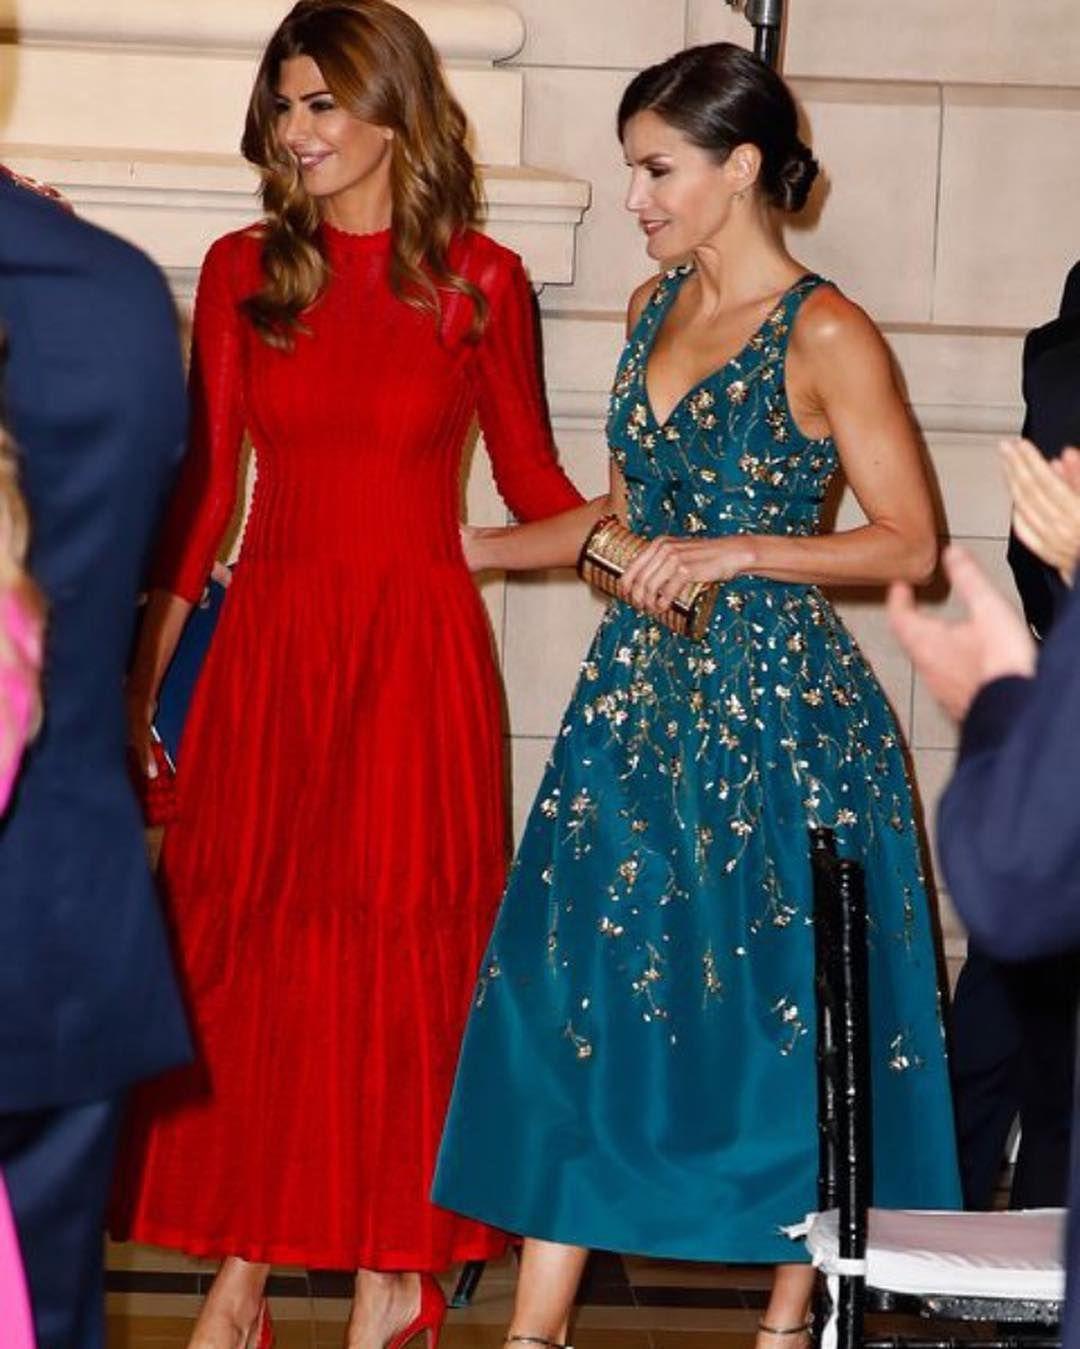 Invitada Trendy By Conde On Instagram Duelo De Bellezas Los Reyes En La Cena Estatal En Su Visita A Argentina Ofreci Royal Fashion Royal Clothing Fashion